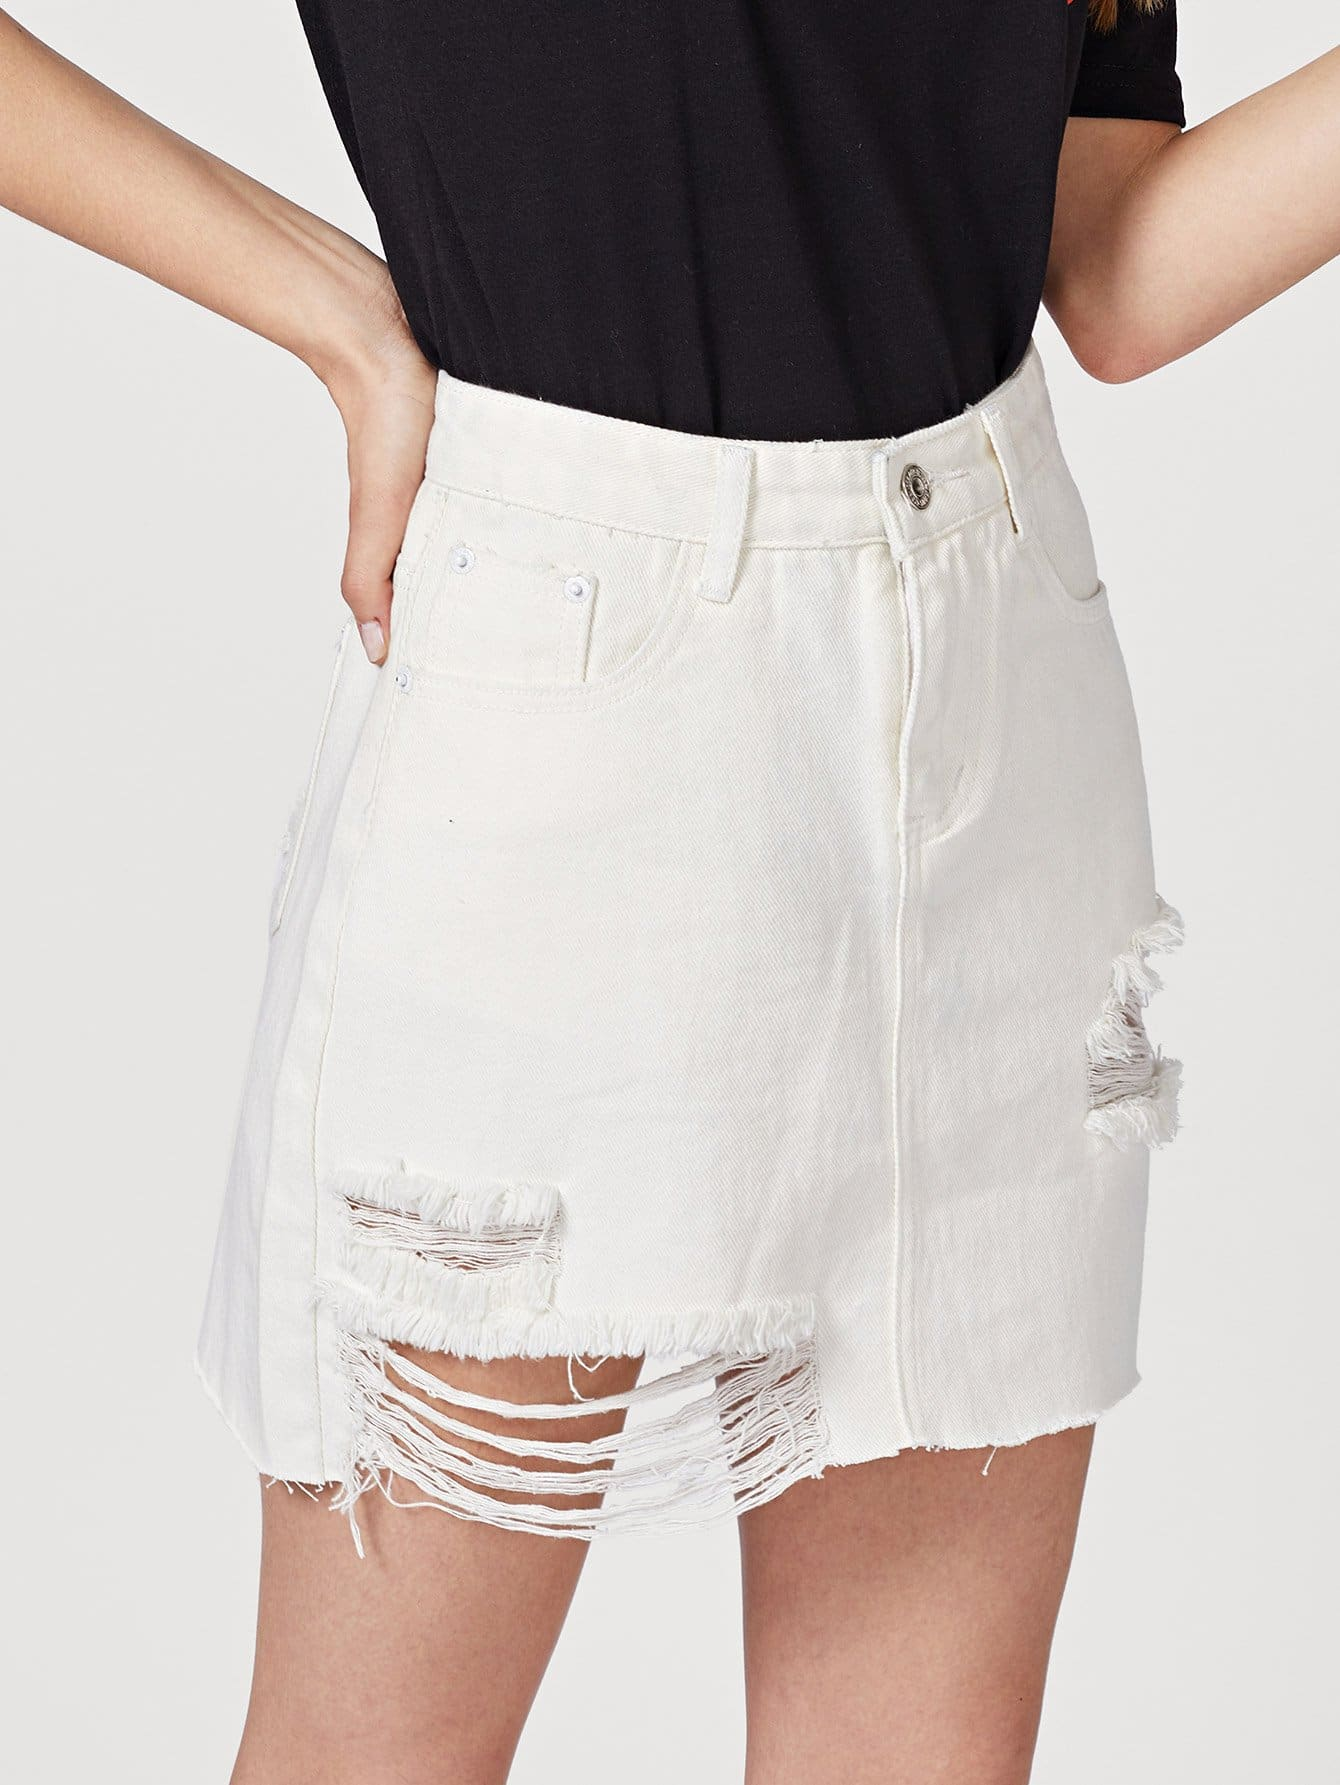 Купить Рваная джинсовая юбка со сырыми оторочками, Jana, SheIn